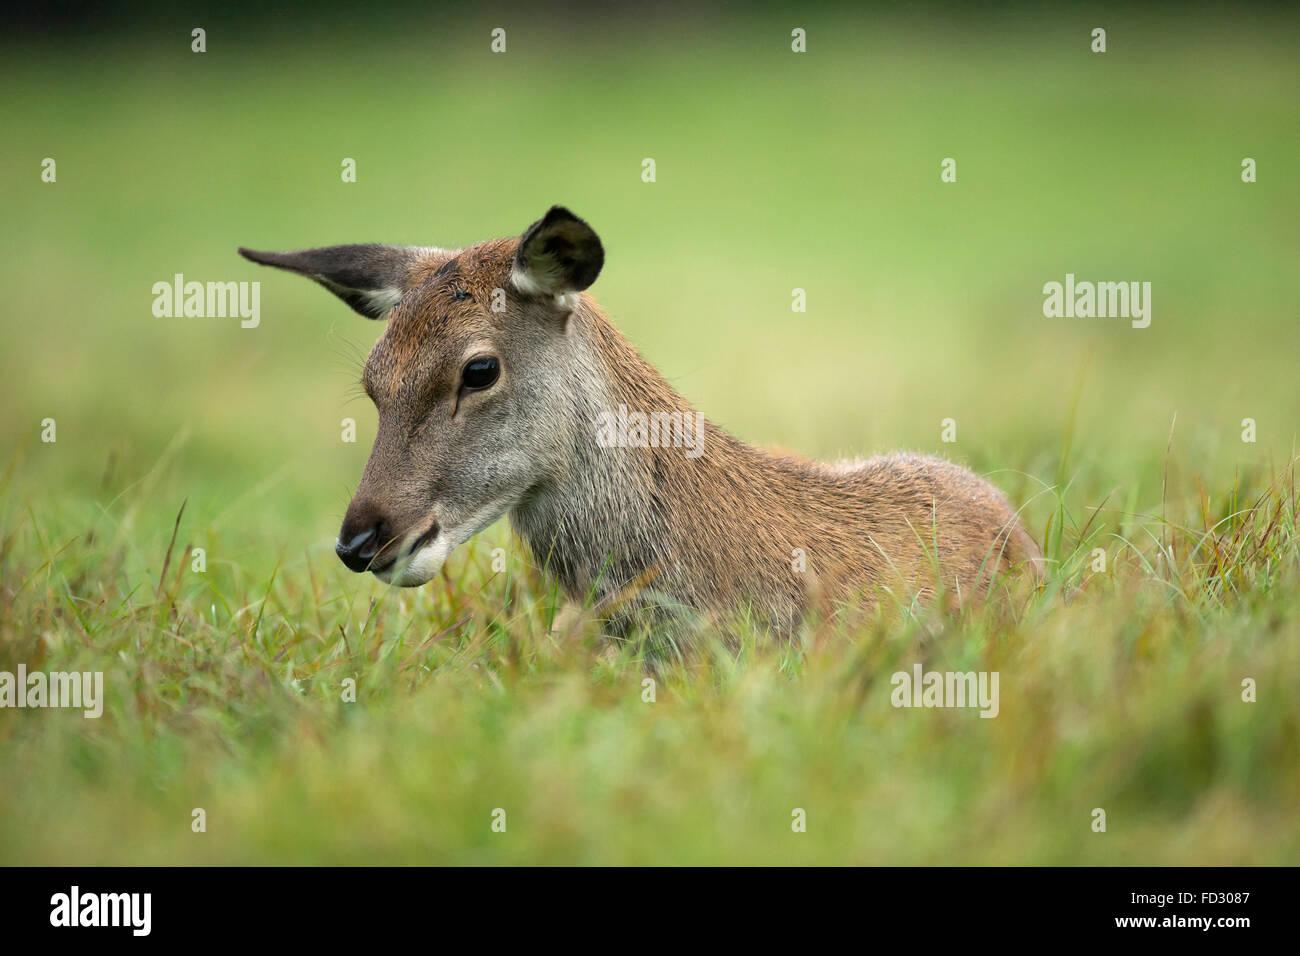 Joven ciervo rojo (Cervus elaphus), por el que se establecen Imagen De Stock